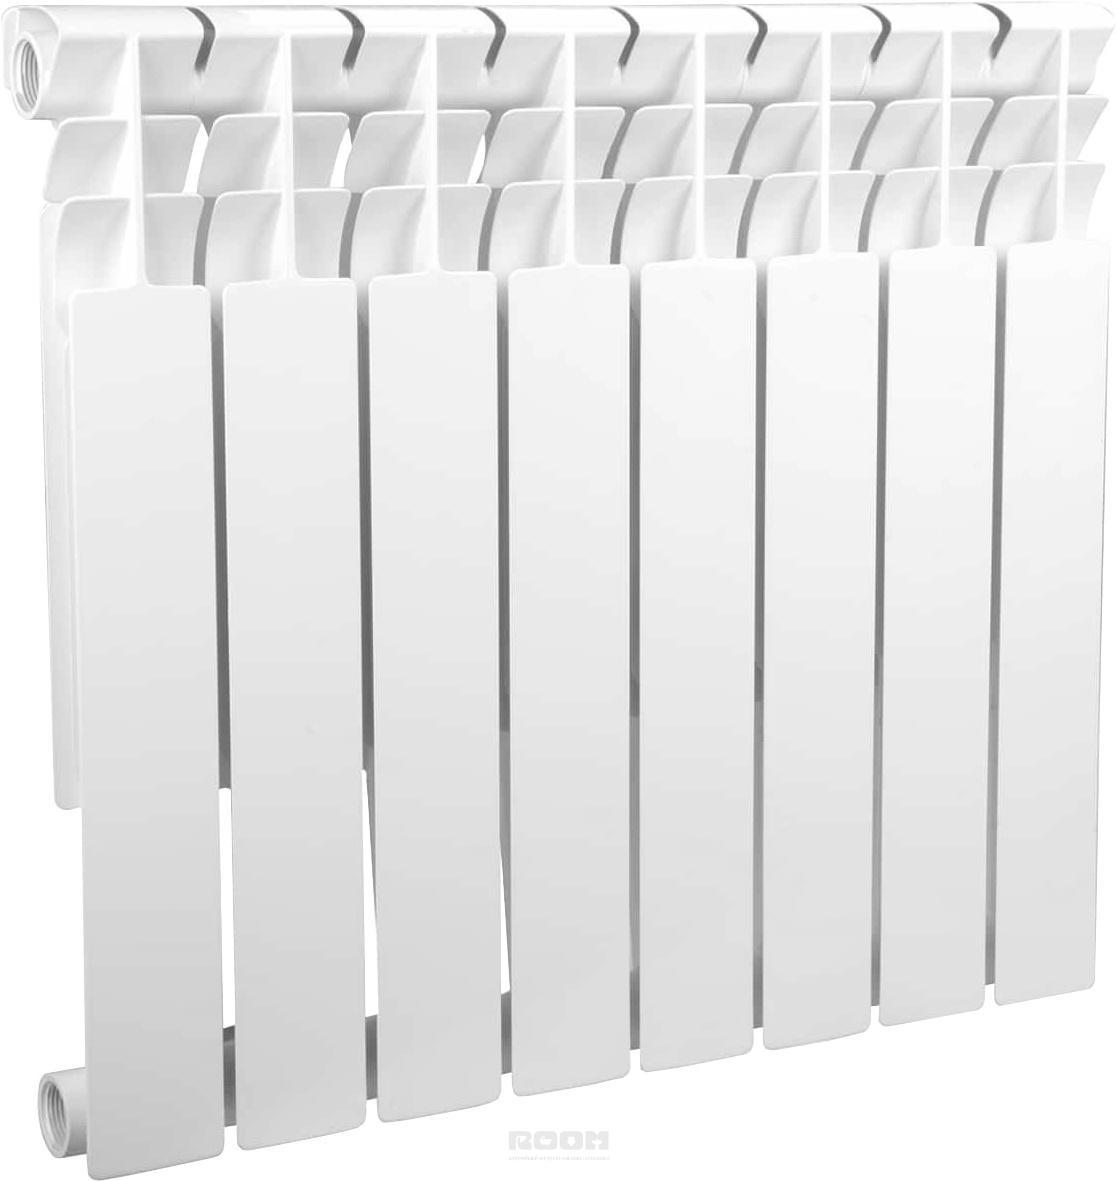 Обзор радиаторов отопления Sira: биметаллических и алюминиевых